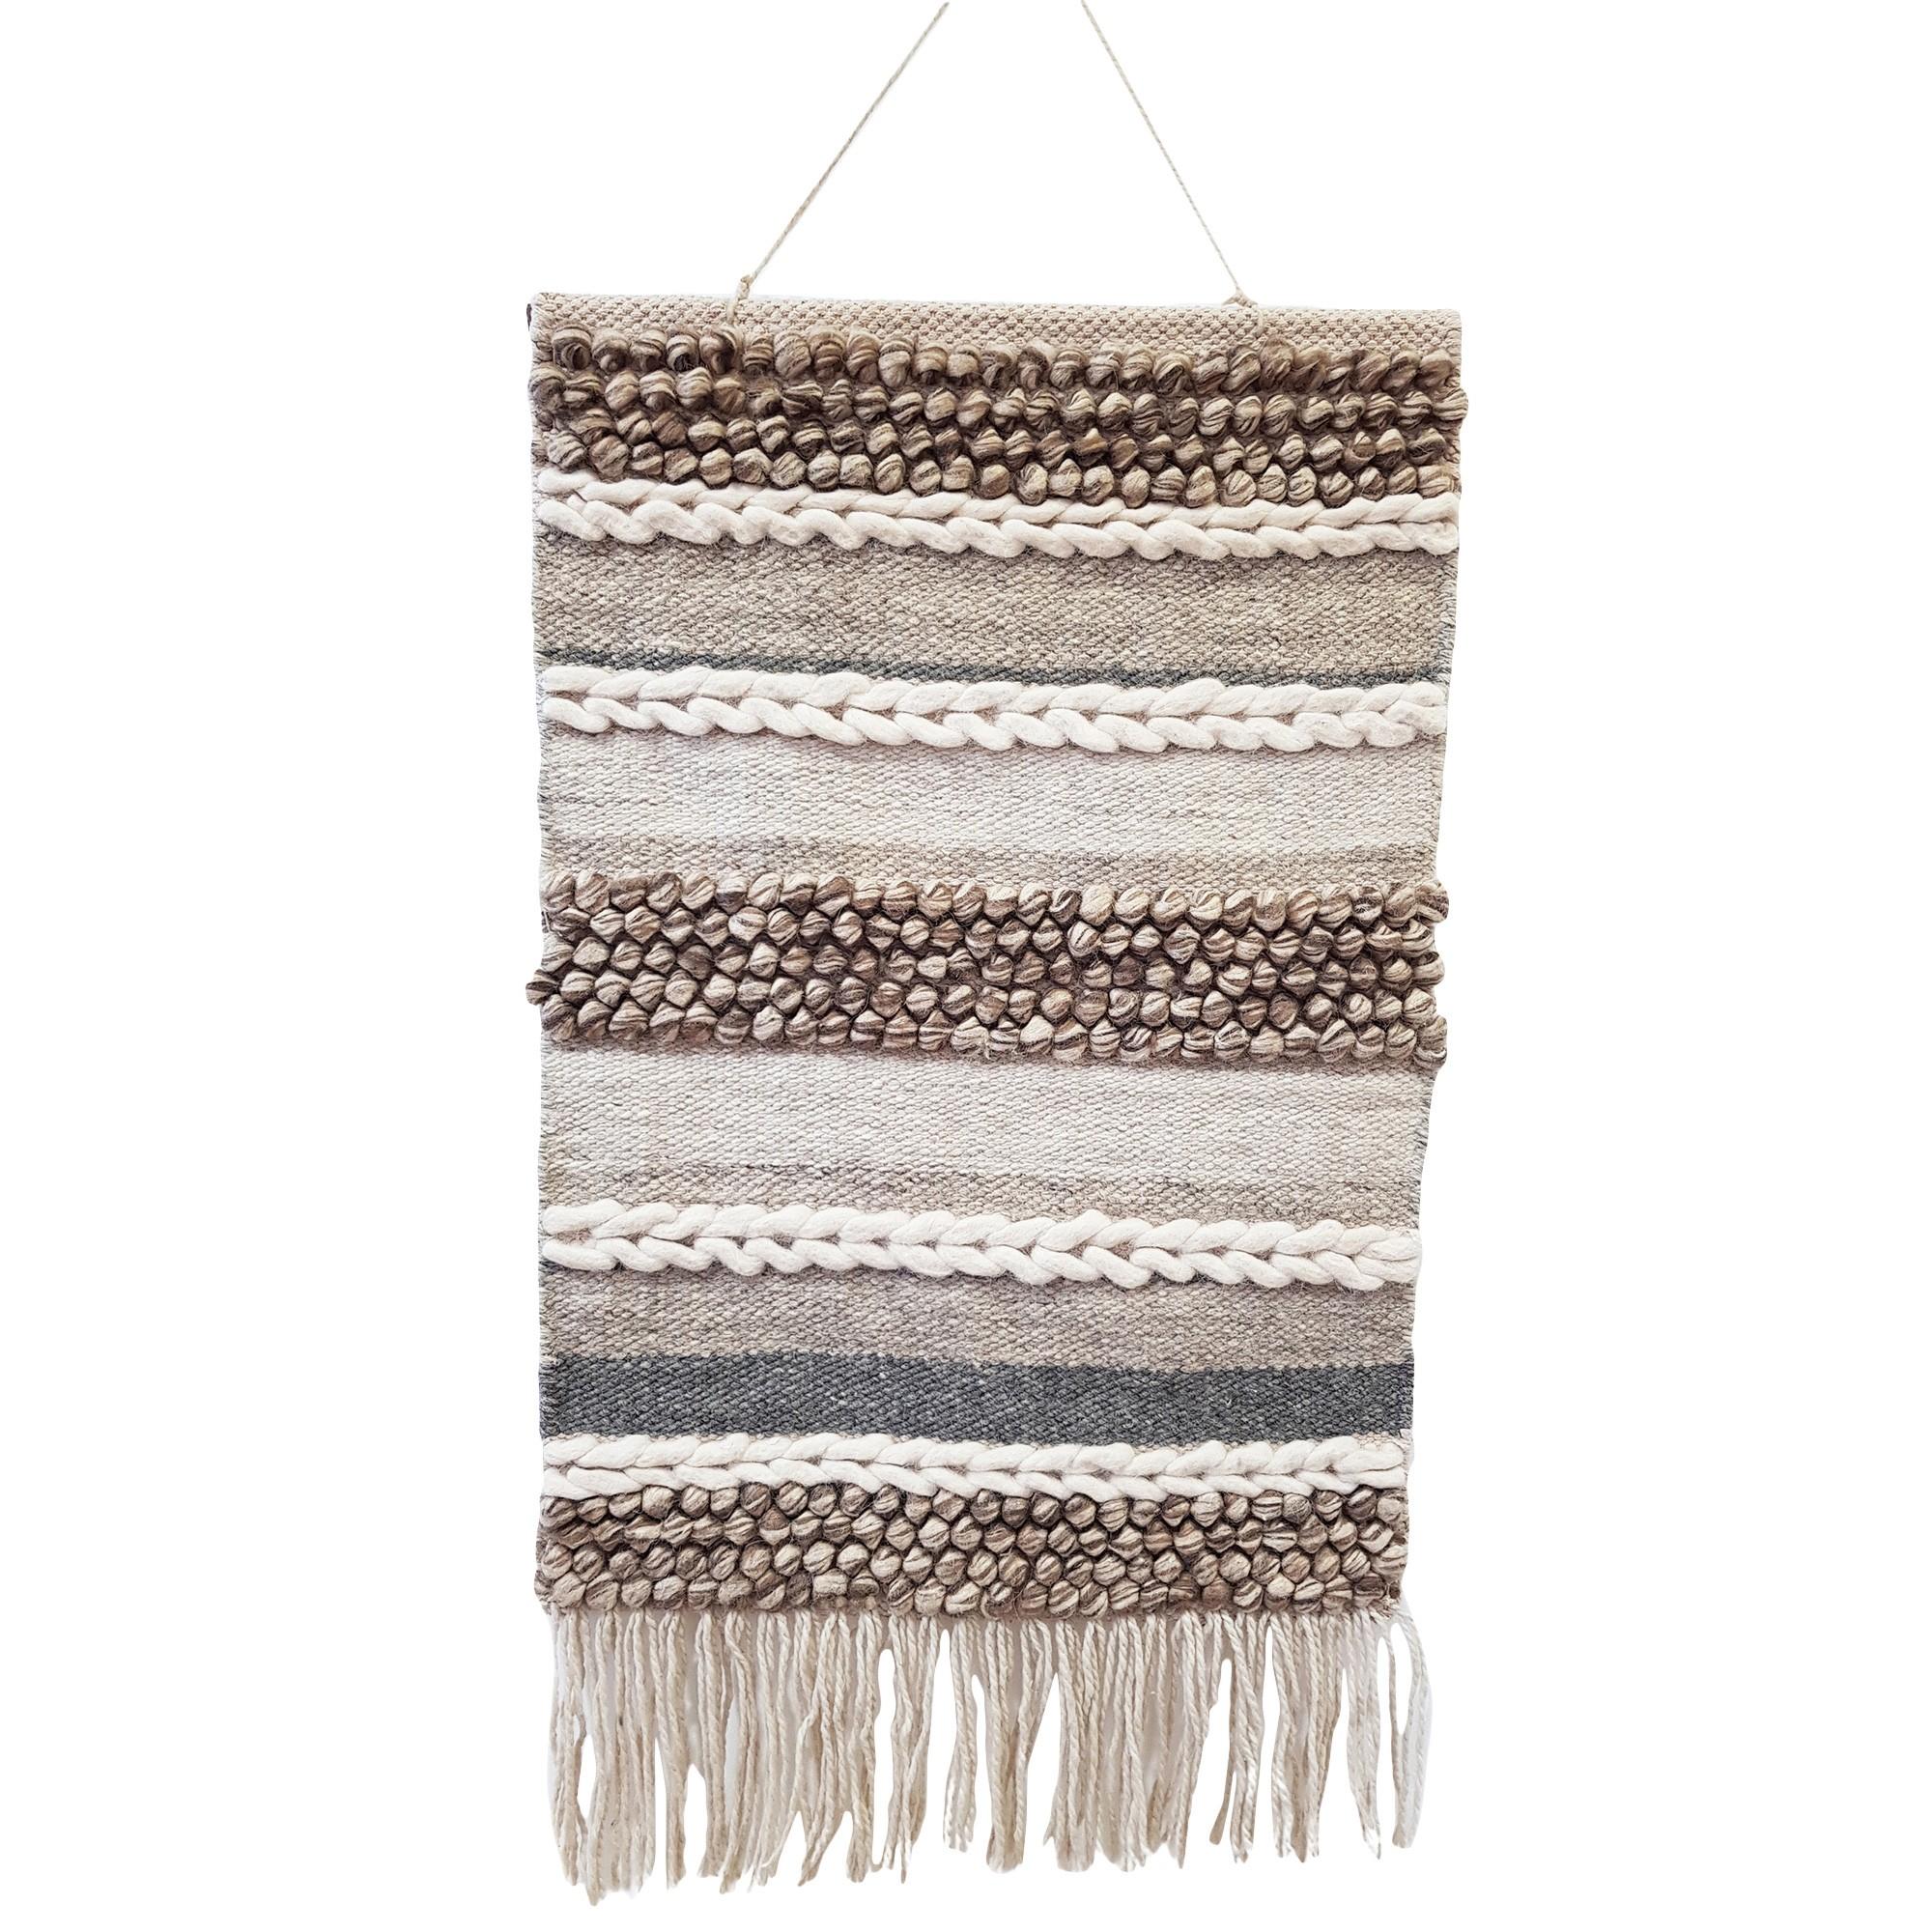 Blake Handwoven Wool Macrame Wall Hanging